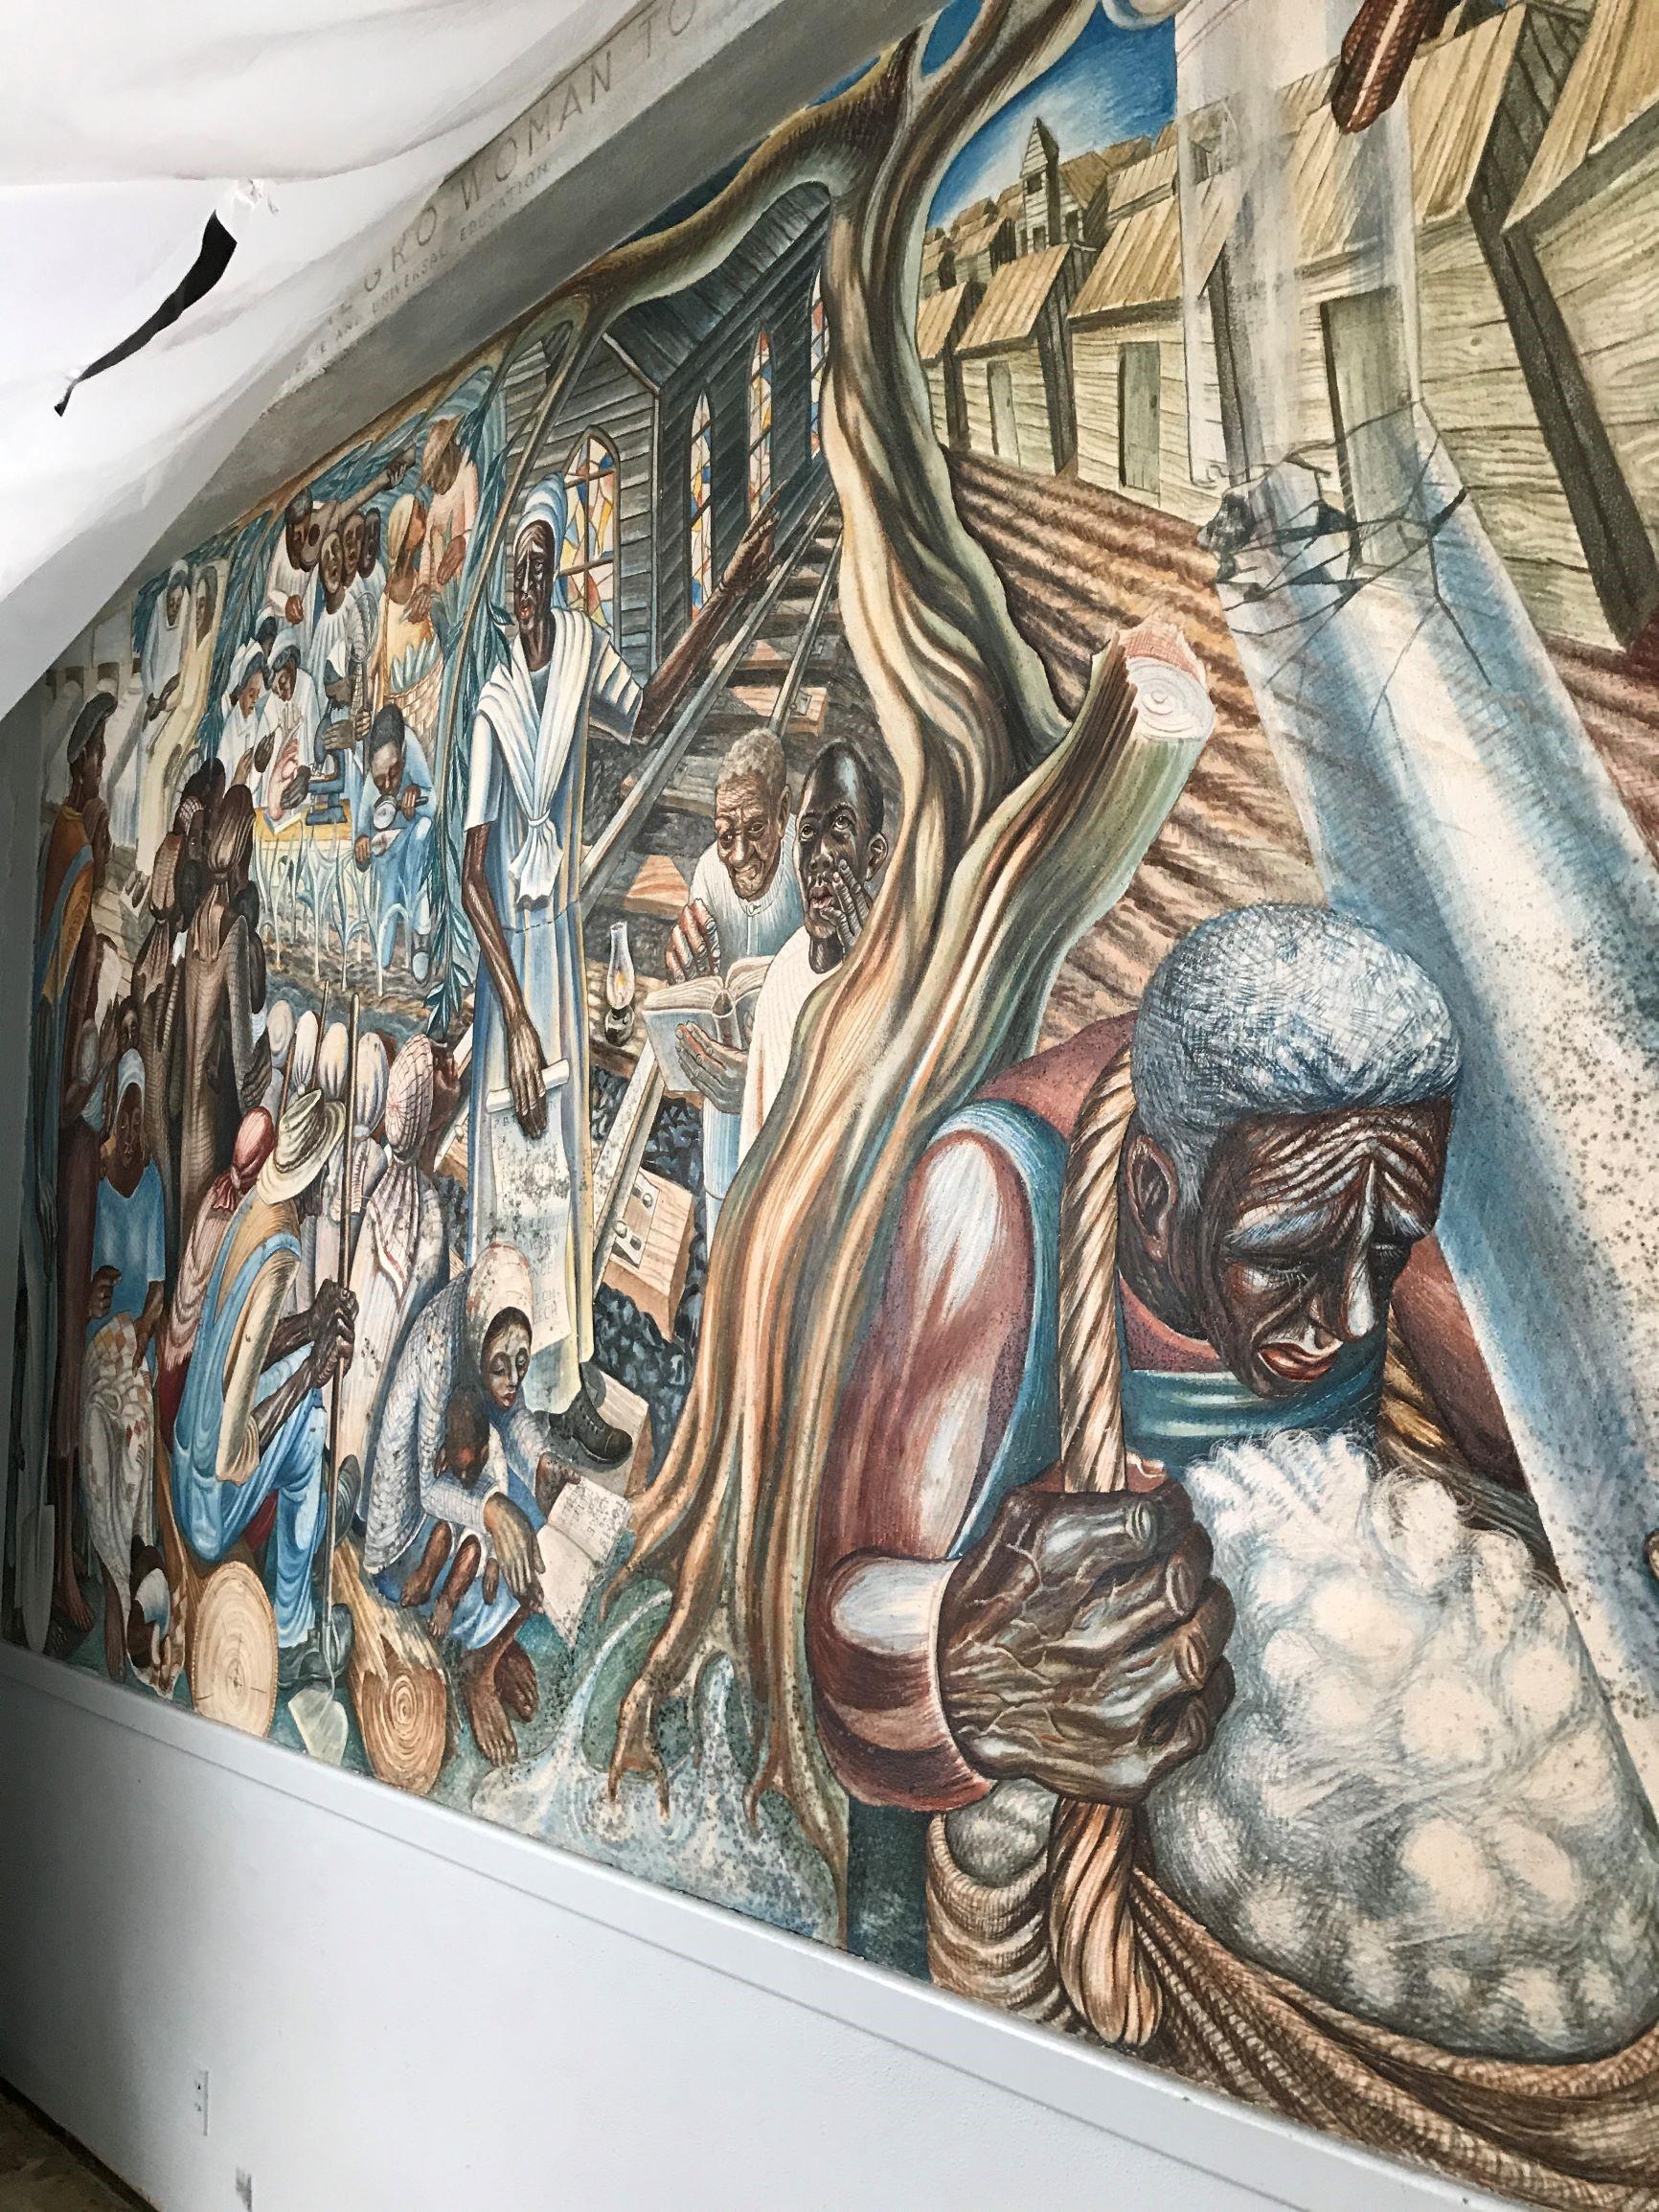 blog post / Harvey mural